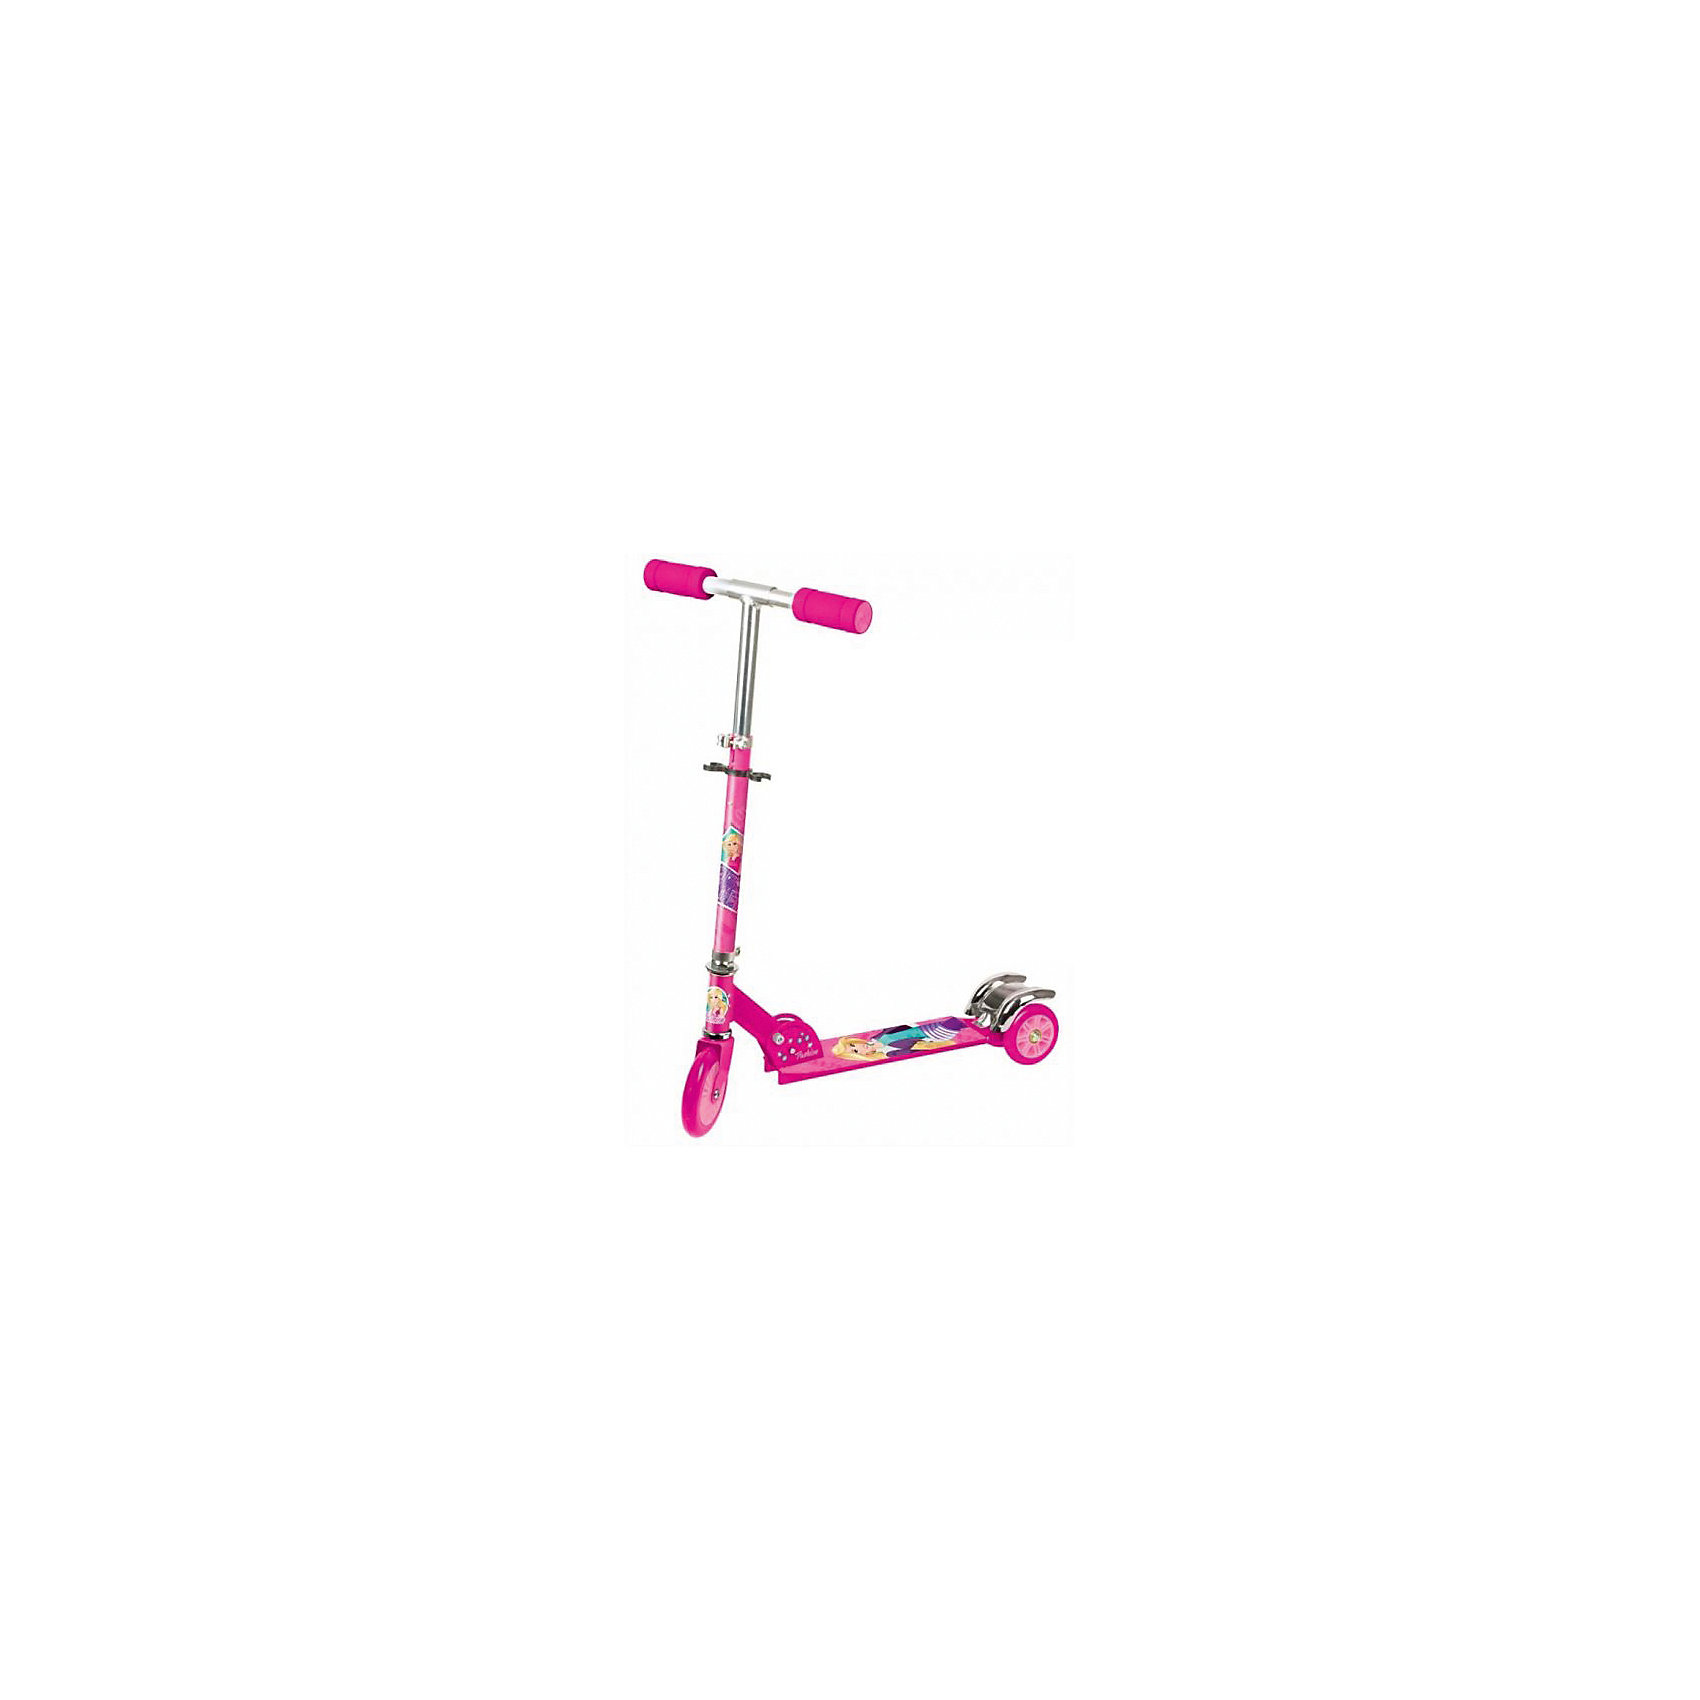 Трехколесный самокат Fashion, Next, розовыйСамокаты<br>Характеристики товара:<br><br>• цвет: розовый<br>• принт: Fashion<br>• механизм: складной<br>• высококачественные полиуретановые pu колеса: 120 мм<br>• усиленная платформа с противоскользящей поверхностью, 34х9,5 см<br>• высокоточный подшипник abec-5<br>• 3 положения высоты руля<br>• материал: алюминий, полипропилен<br>• мягкие резиновые ручки<br>• тормоз заднего колеса<br>• максимальная нагрузка - 50 кг<br>• вес: 2920гр.<br>• размер: 33х83х67 см<br>• возраст: от 3 лет<br><br>Трехколесный самокат, Fashion, Next, розовый можно приобрести в нашем интернет-магазине.<br><br>Ширина мм: 330<br>Глубина мм: 830<br>Высота мм: 670<br>Вес г: 2920<br>Возраст от месяцев: 60<br>Возраст до месяцев: 96<br>Пол: Женский<br>Возраст: Детский<br>SKU: 5528129